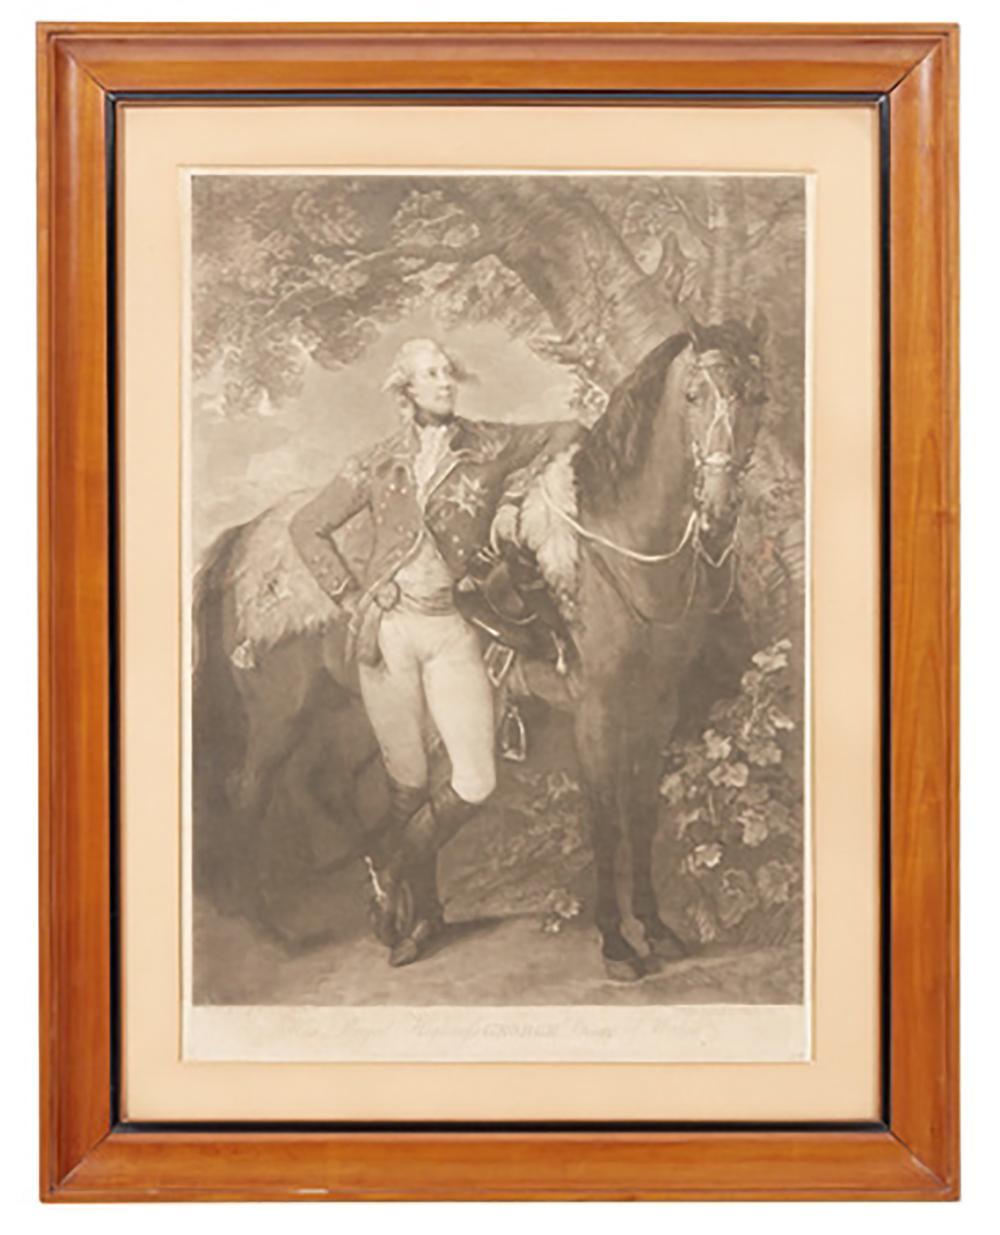 HIS ROYAL HIGHNESS GEORGES PRINCE OF WALES COPPIA DI INCISIONI SU CARTA (MACCHIE). CON CORNICI